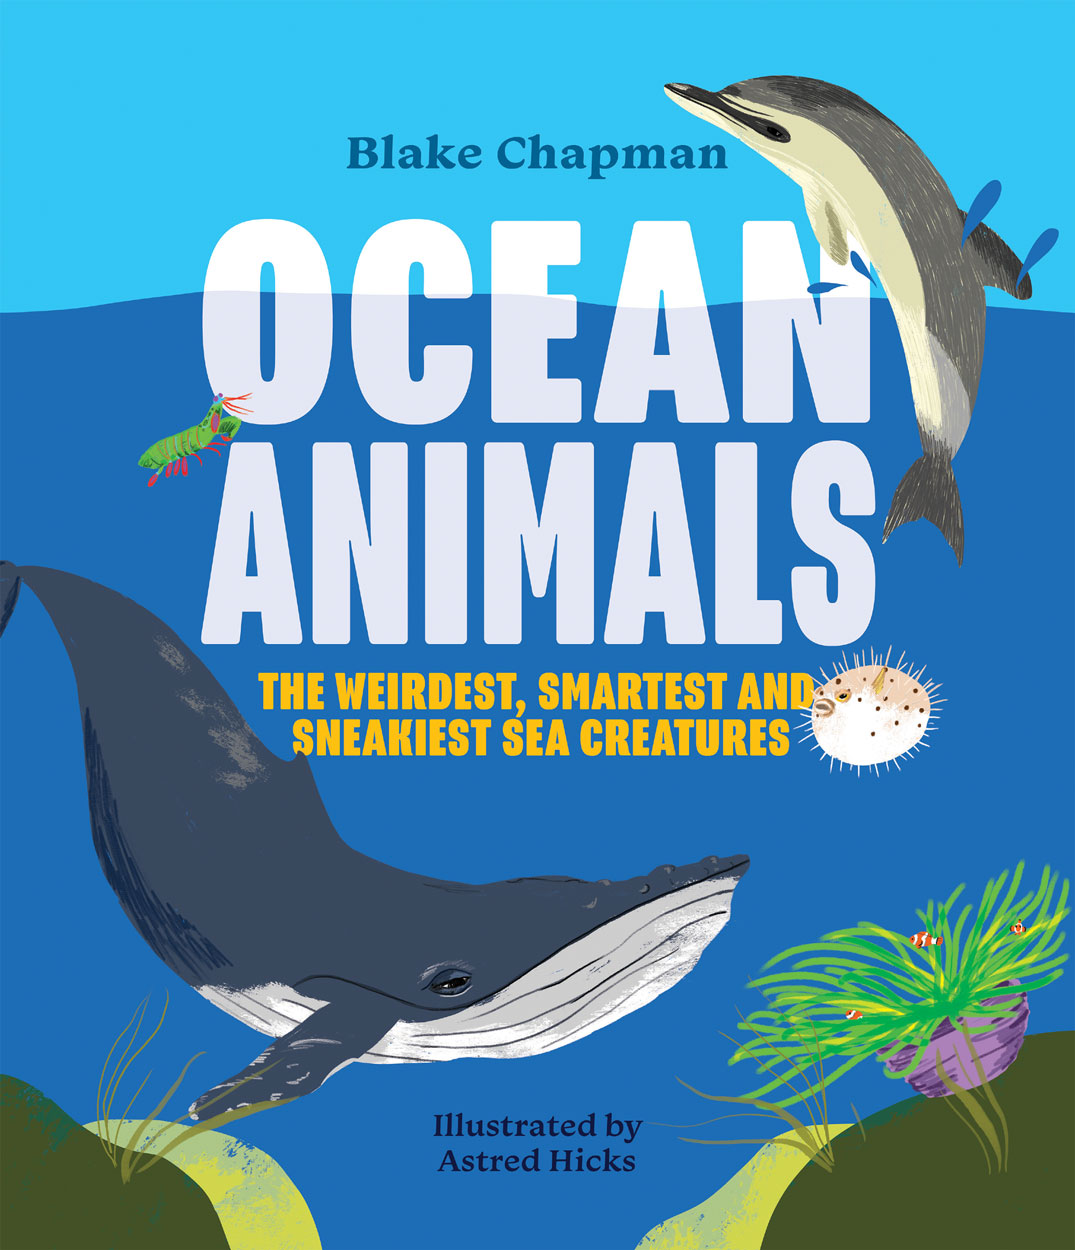 Ocean Animals: The Weirdest, Smartest and Sneakiest Sea Creatures